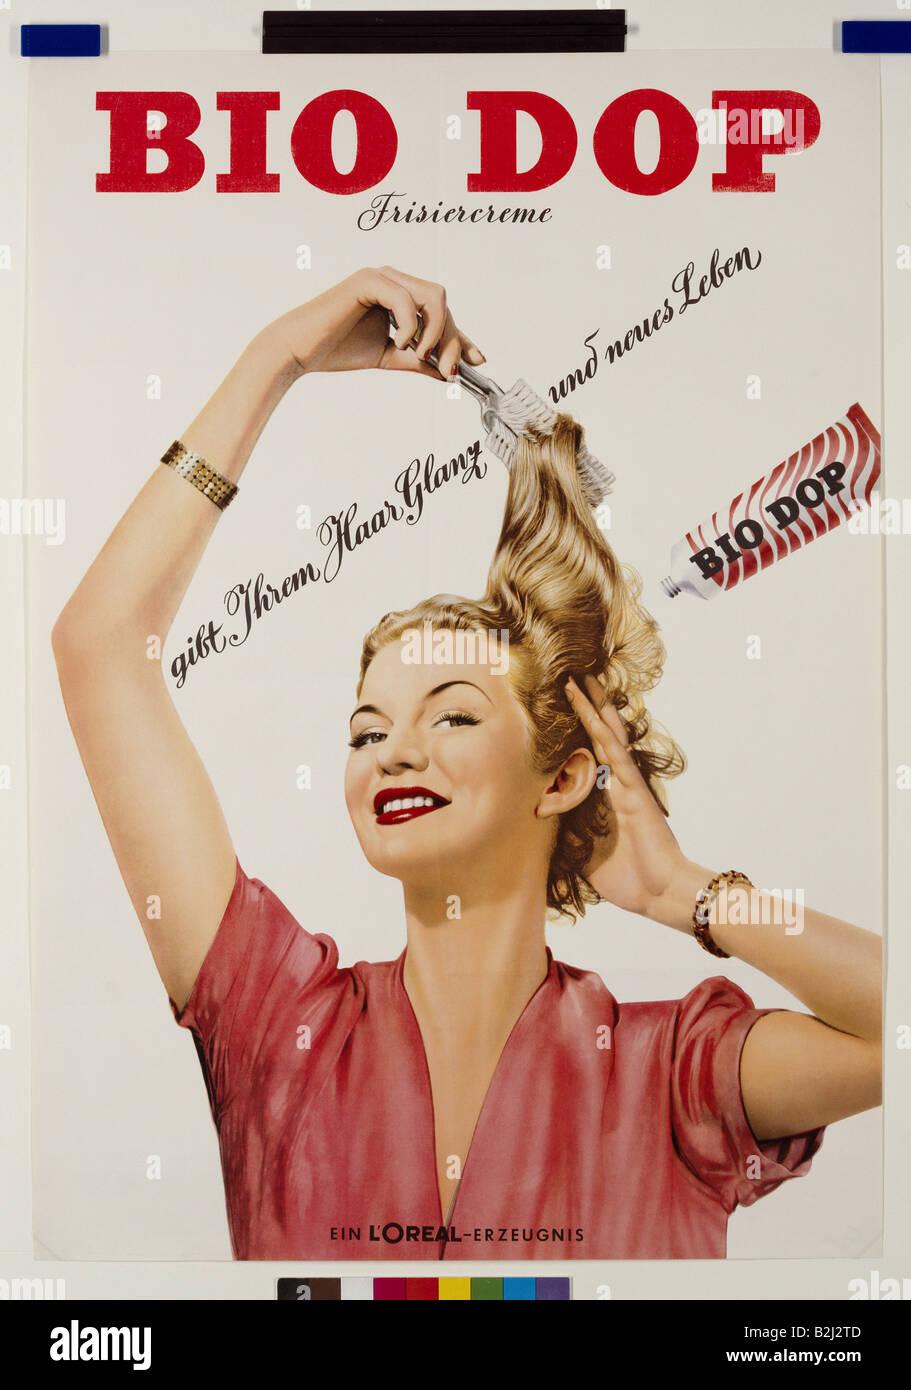 la publicit les produits cosm tiques soins des cheveux l 39 oreal 39 bio 39 frisiercreme tdc. Black Bedroom Furniture Sets. Home Design Ideas